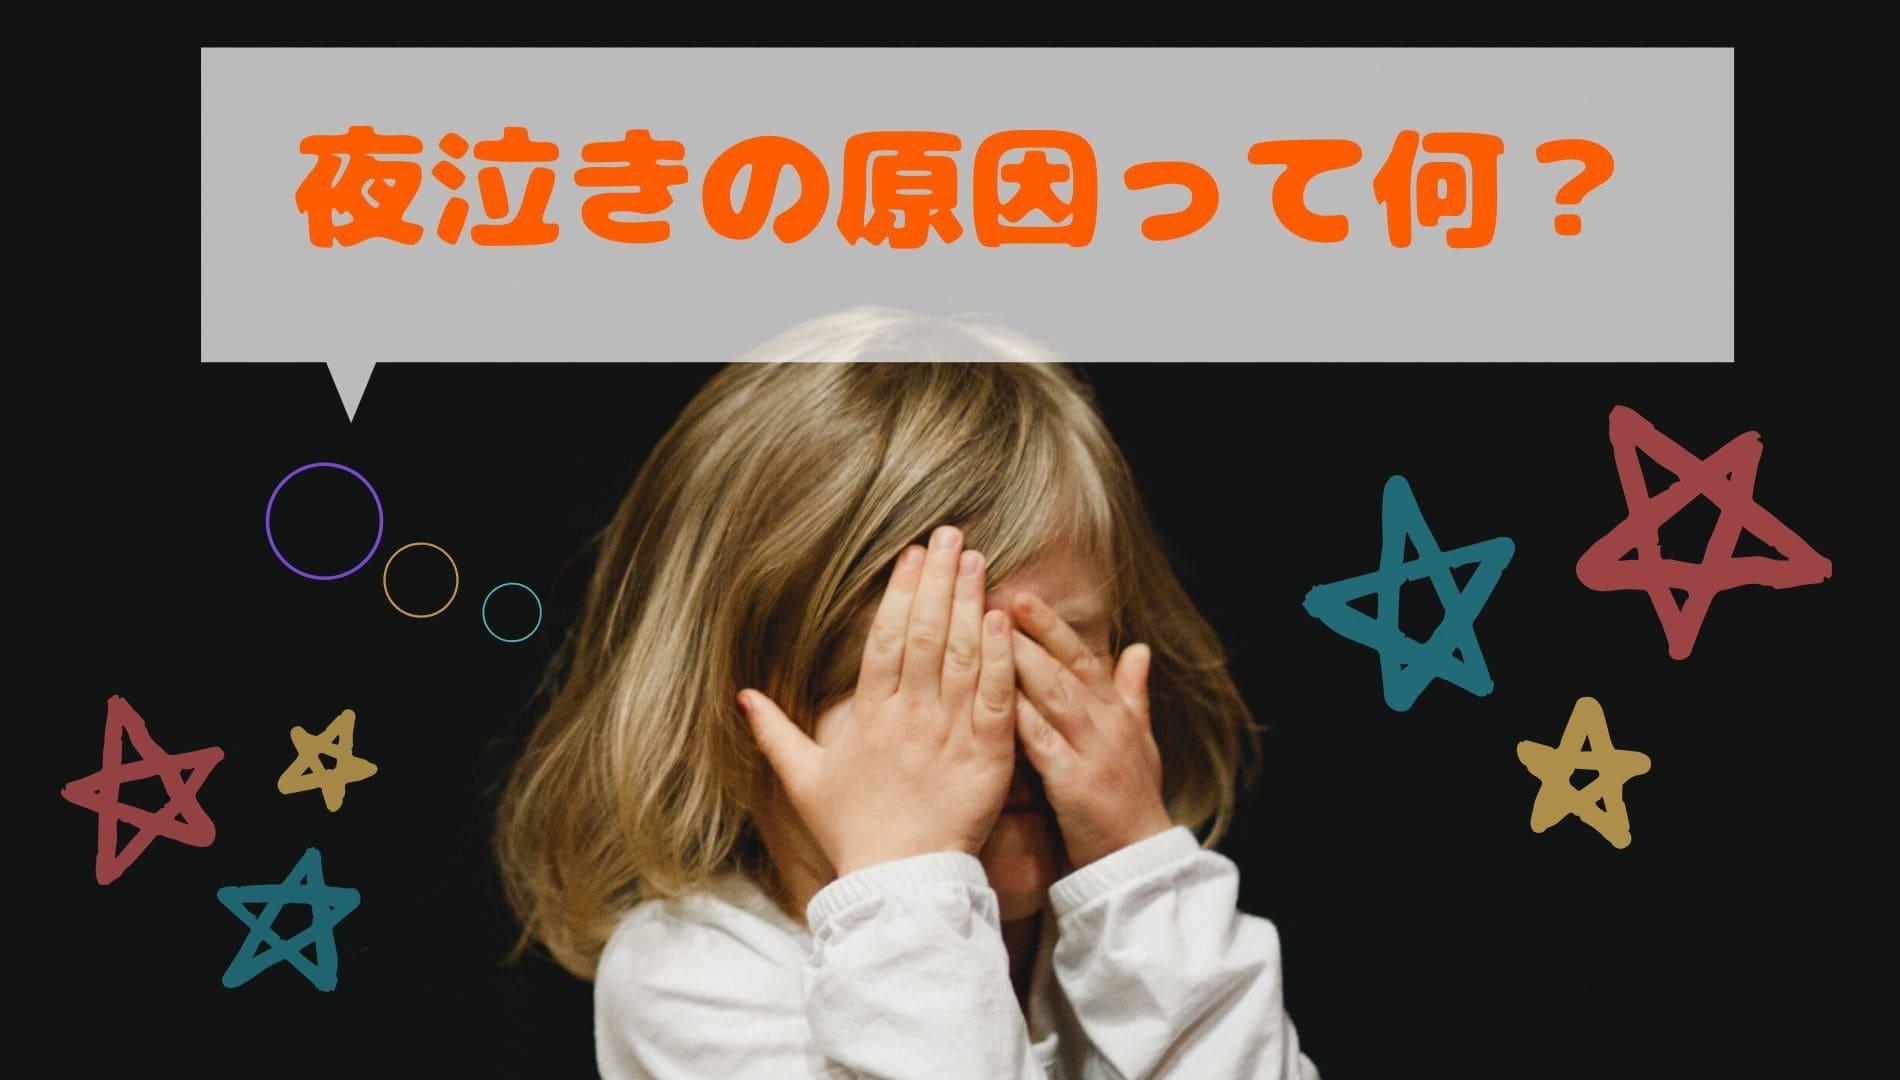 顔を両手で覆う子ども